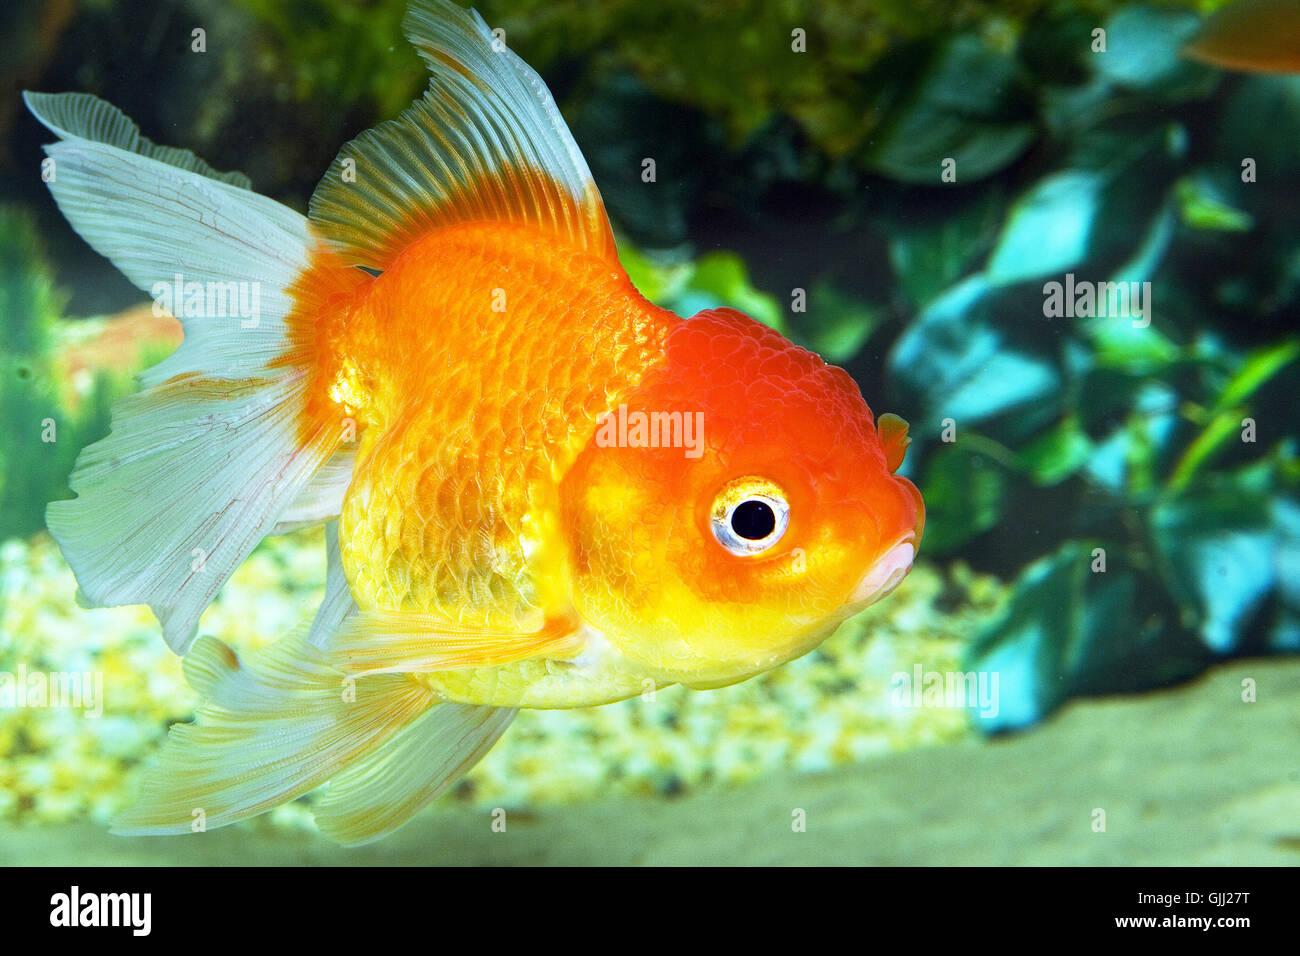 Goldfish Painting Stock Photos & Goldfish Painting Stock Images - Alamy